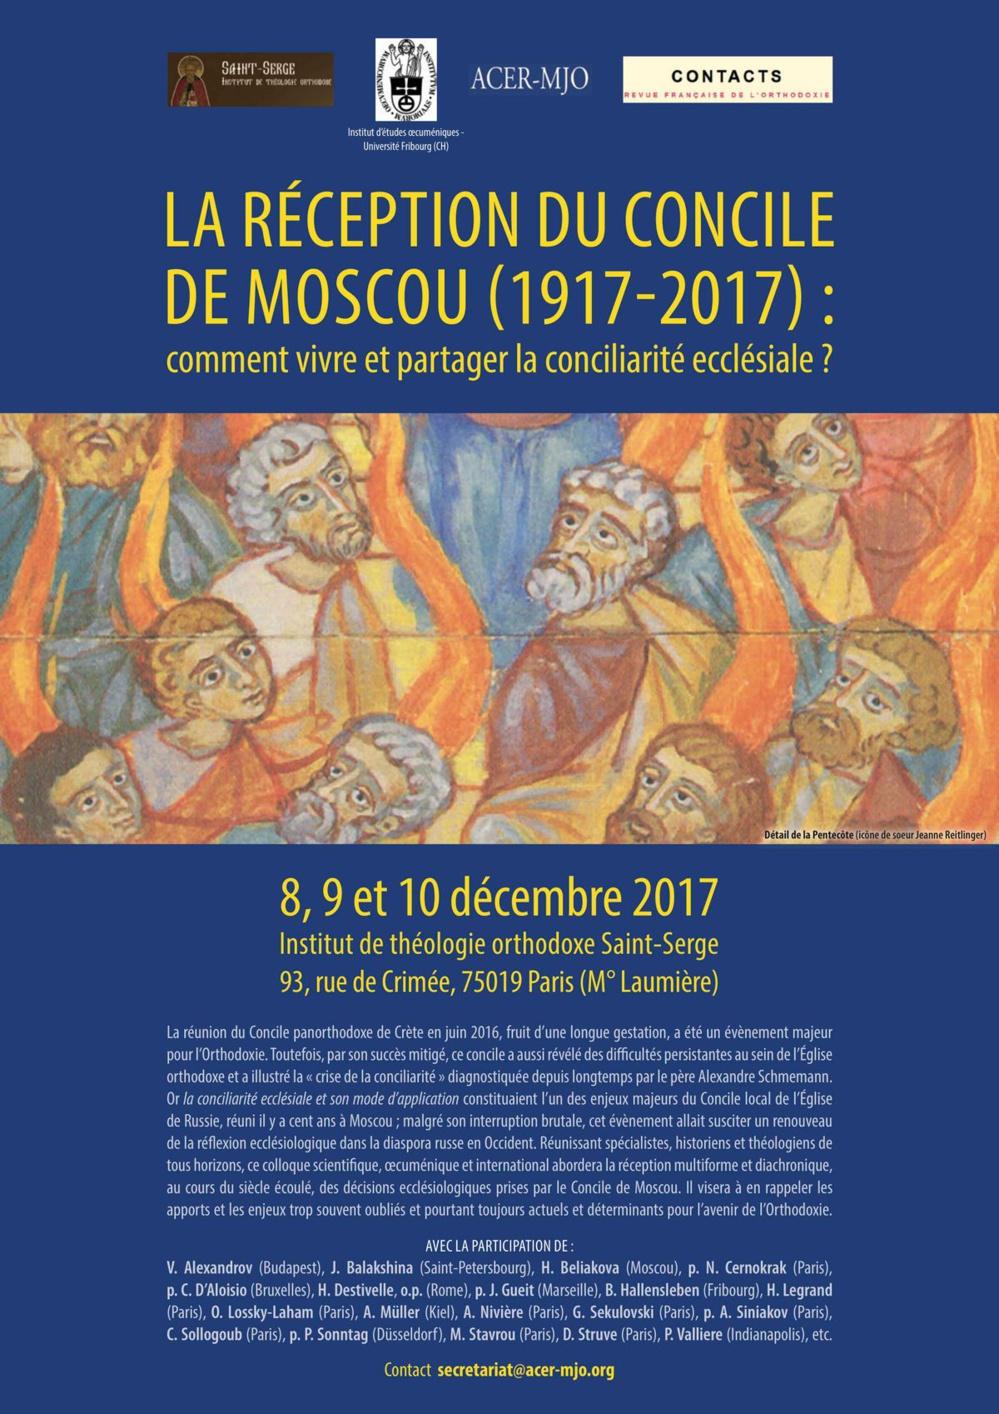 """""""La réception du concile de Moscou (de 1917-2017). Comment vivre et partager la conciliait ecclésiale?"""" Colloque à l'Institut Saint-Serge"""